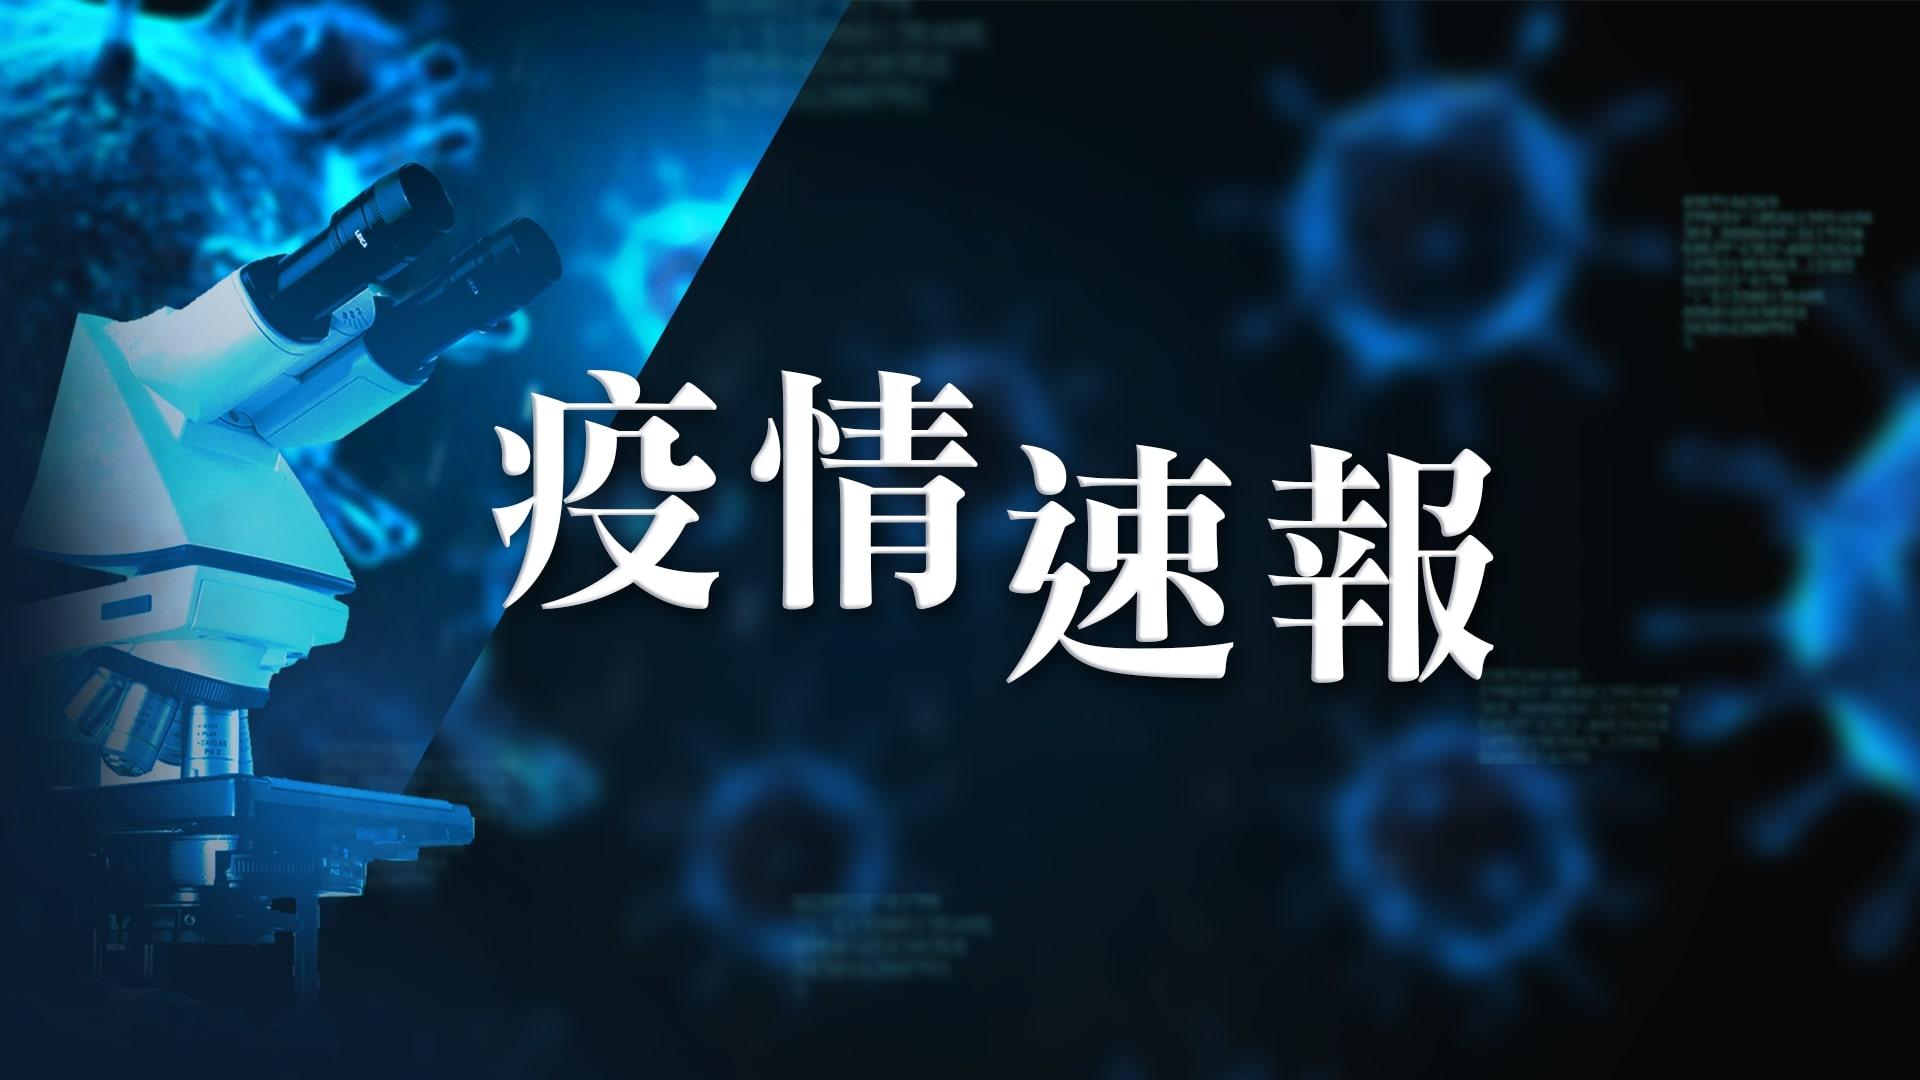 【2月13日疫情速報】(19:30)